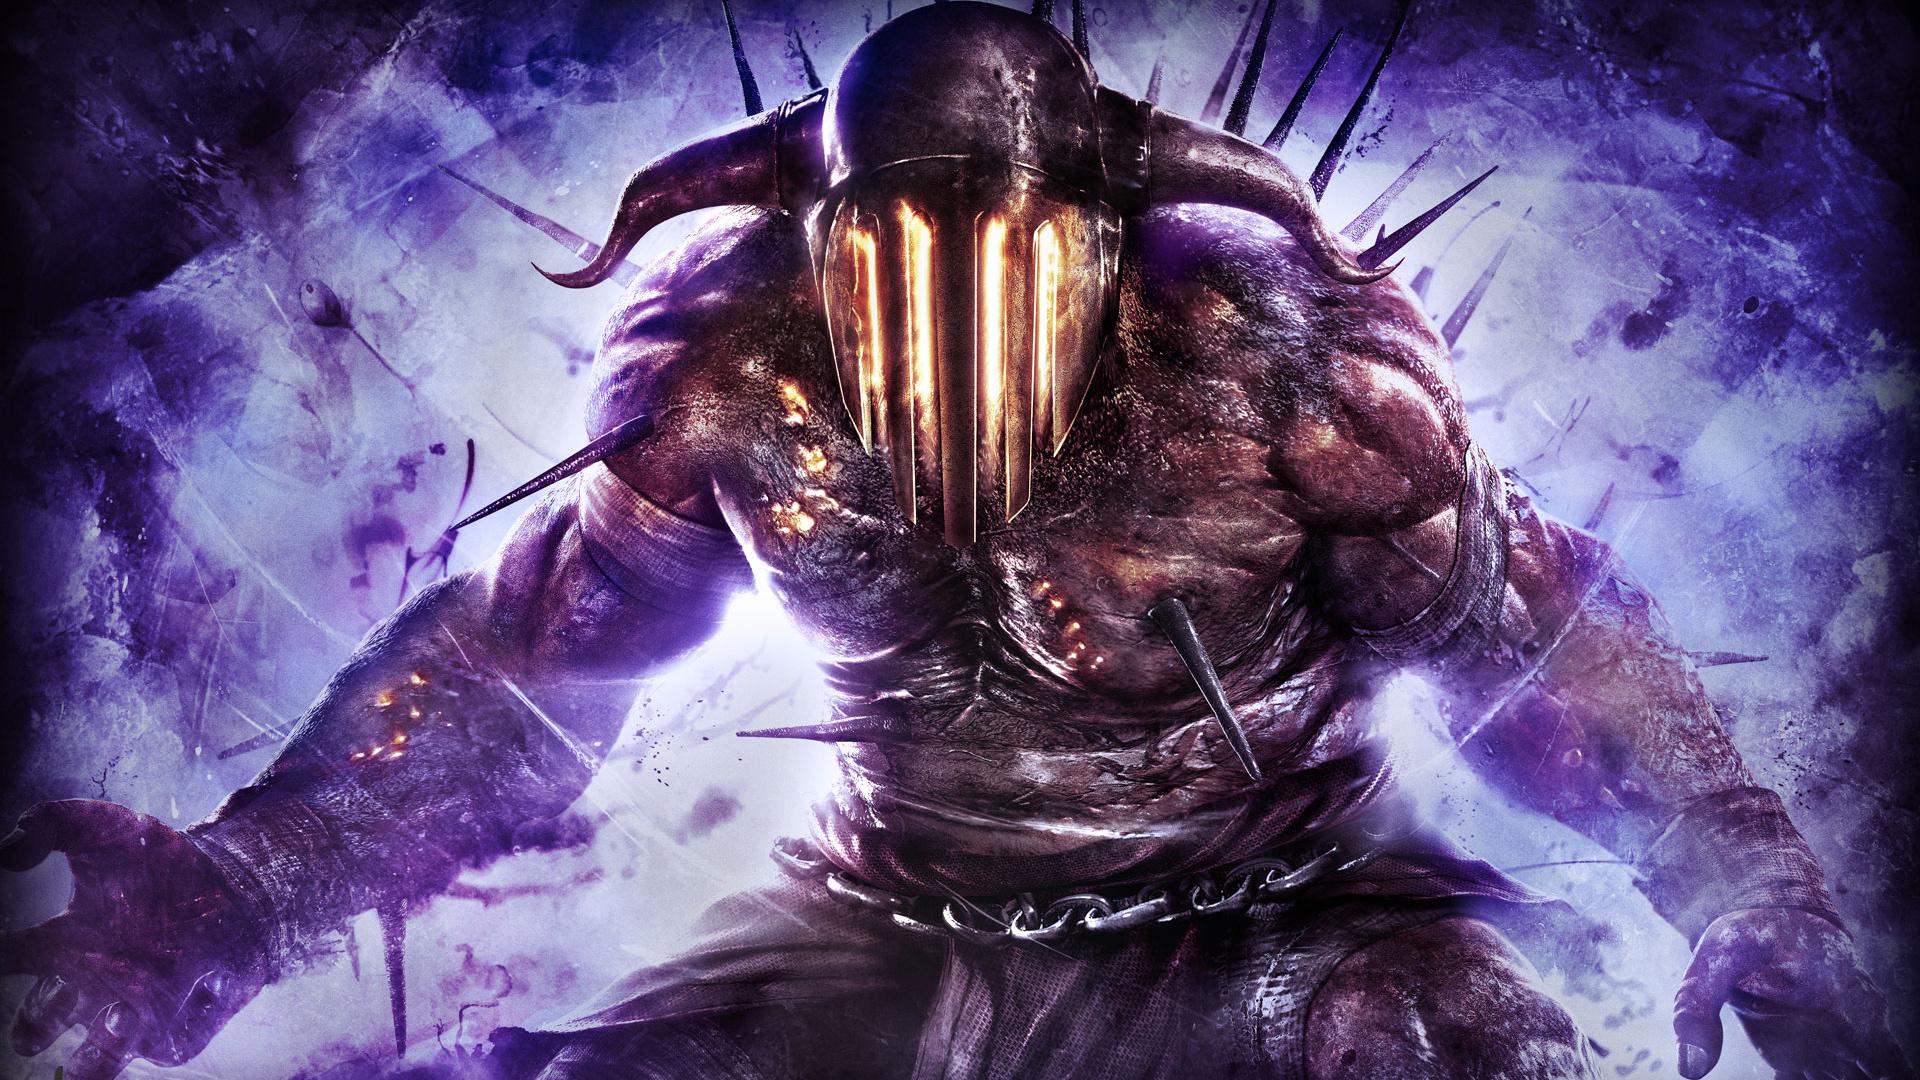 Hades god of war boss